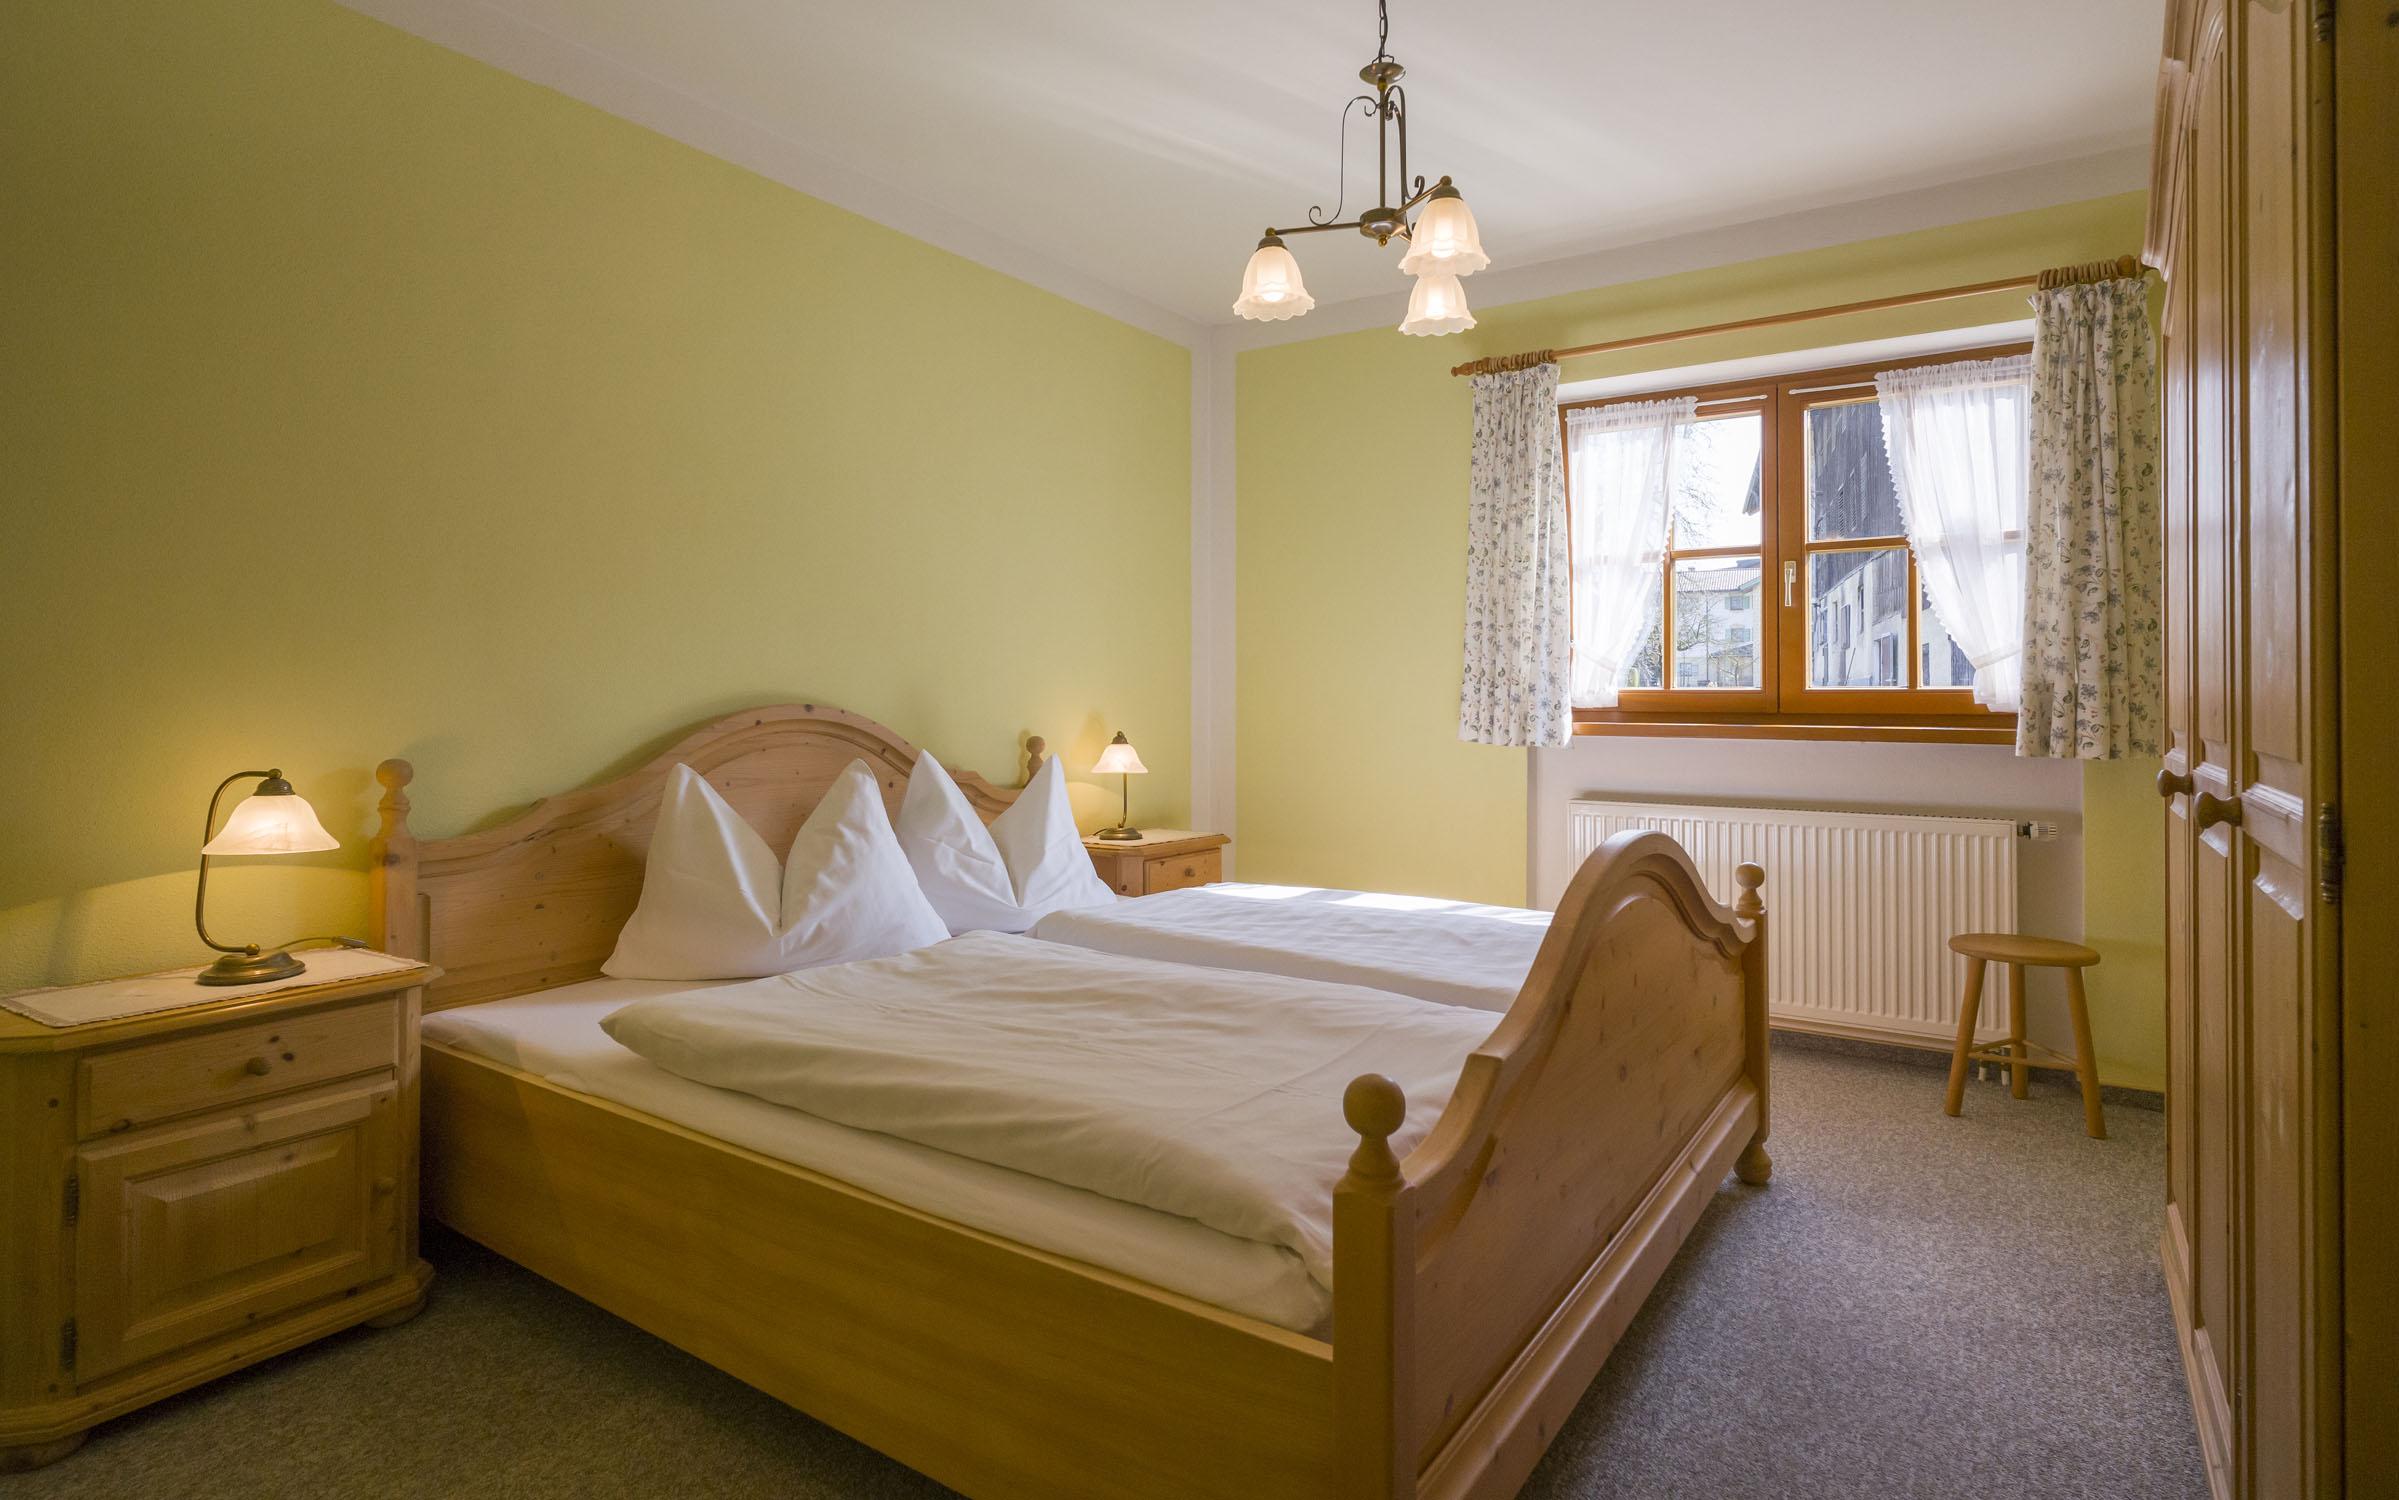 Ferienwohnung Christophenhof (DE Oberaudorf). 3-Zimmer Ferienwohnung Terrasse 1 (710004), Oberaudorf, Chiemgau, Bayern, Deutschland, Bild 6